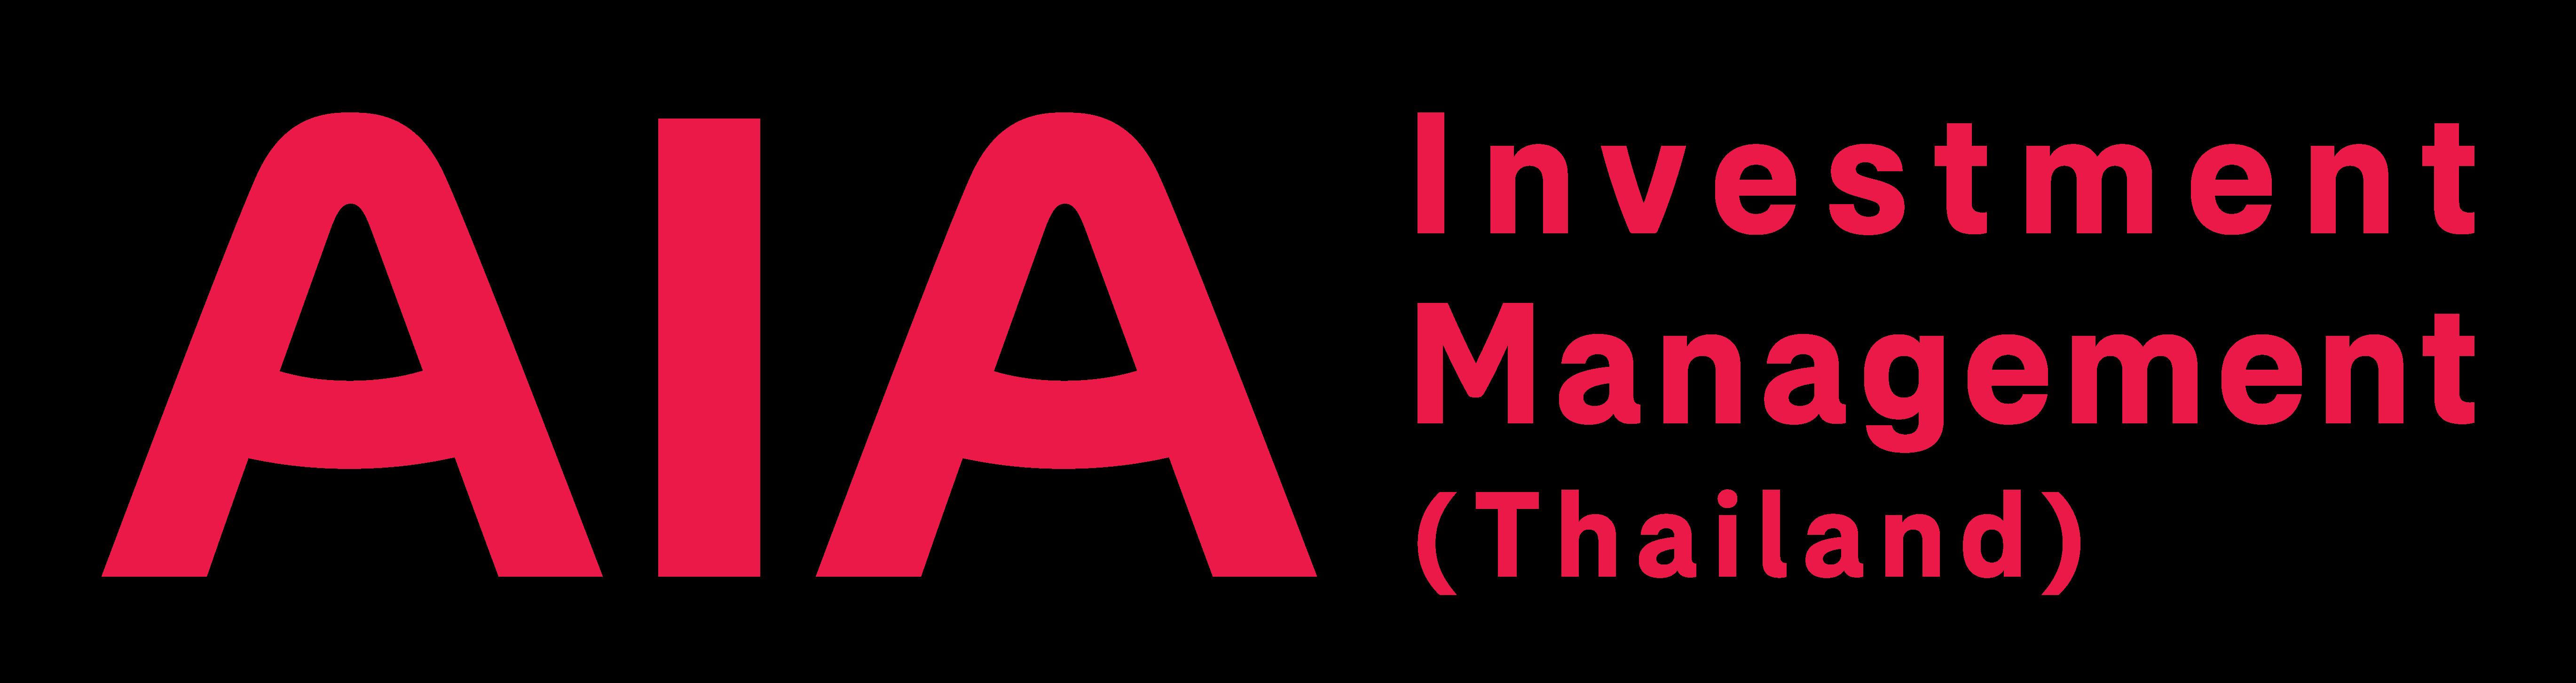 """กลุ่มบริษัทเอไอเอ เปิดตัว """"บริษัทหลักทรัพย์จัดการกองทุนเอไอเอ (ประเทศไทย) จำกัด"""""""